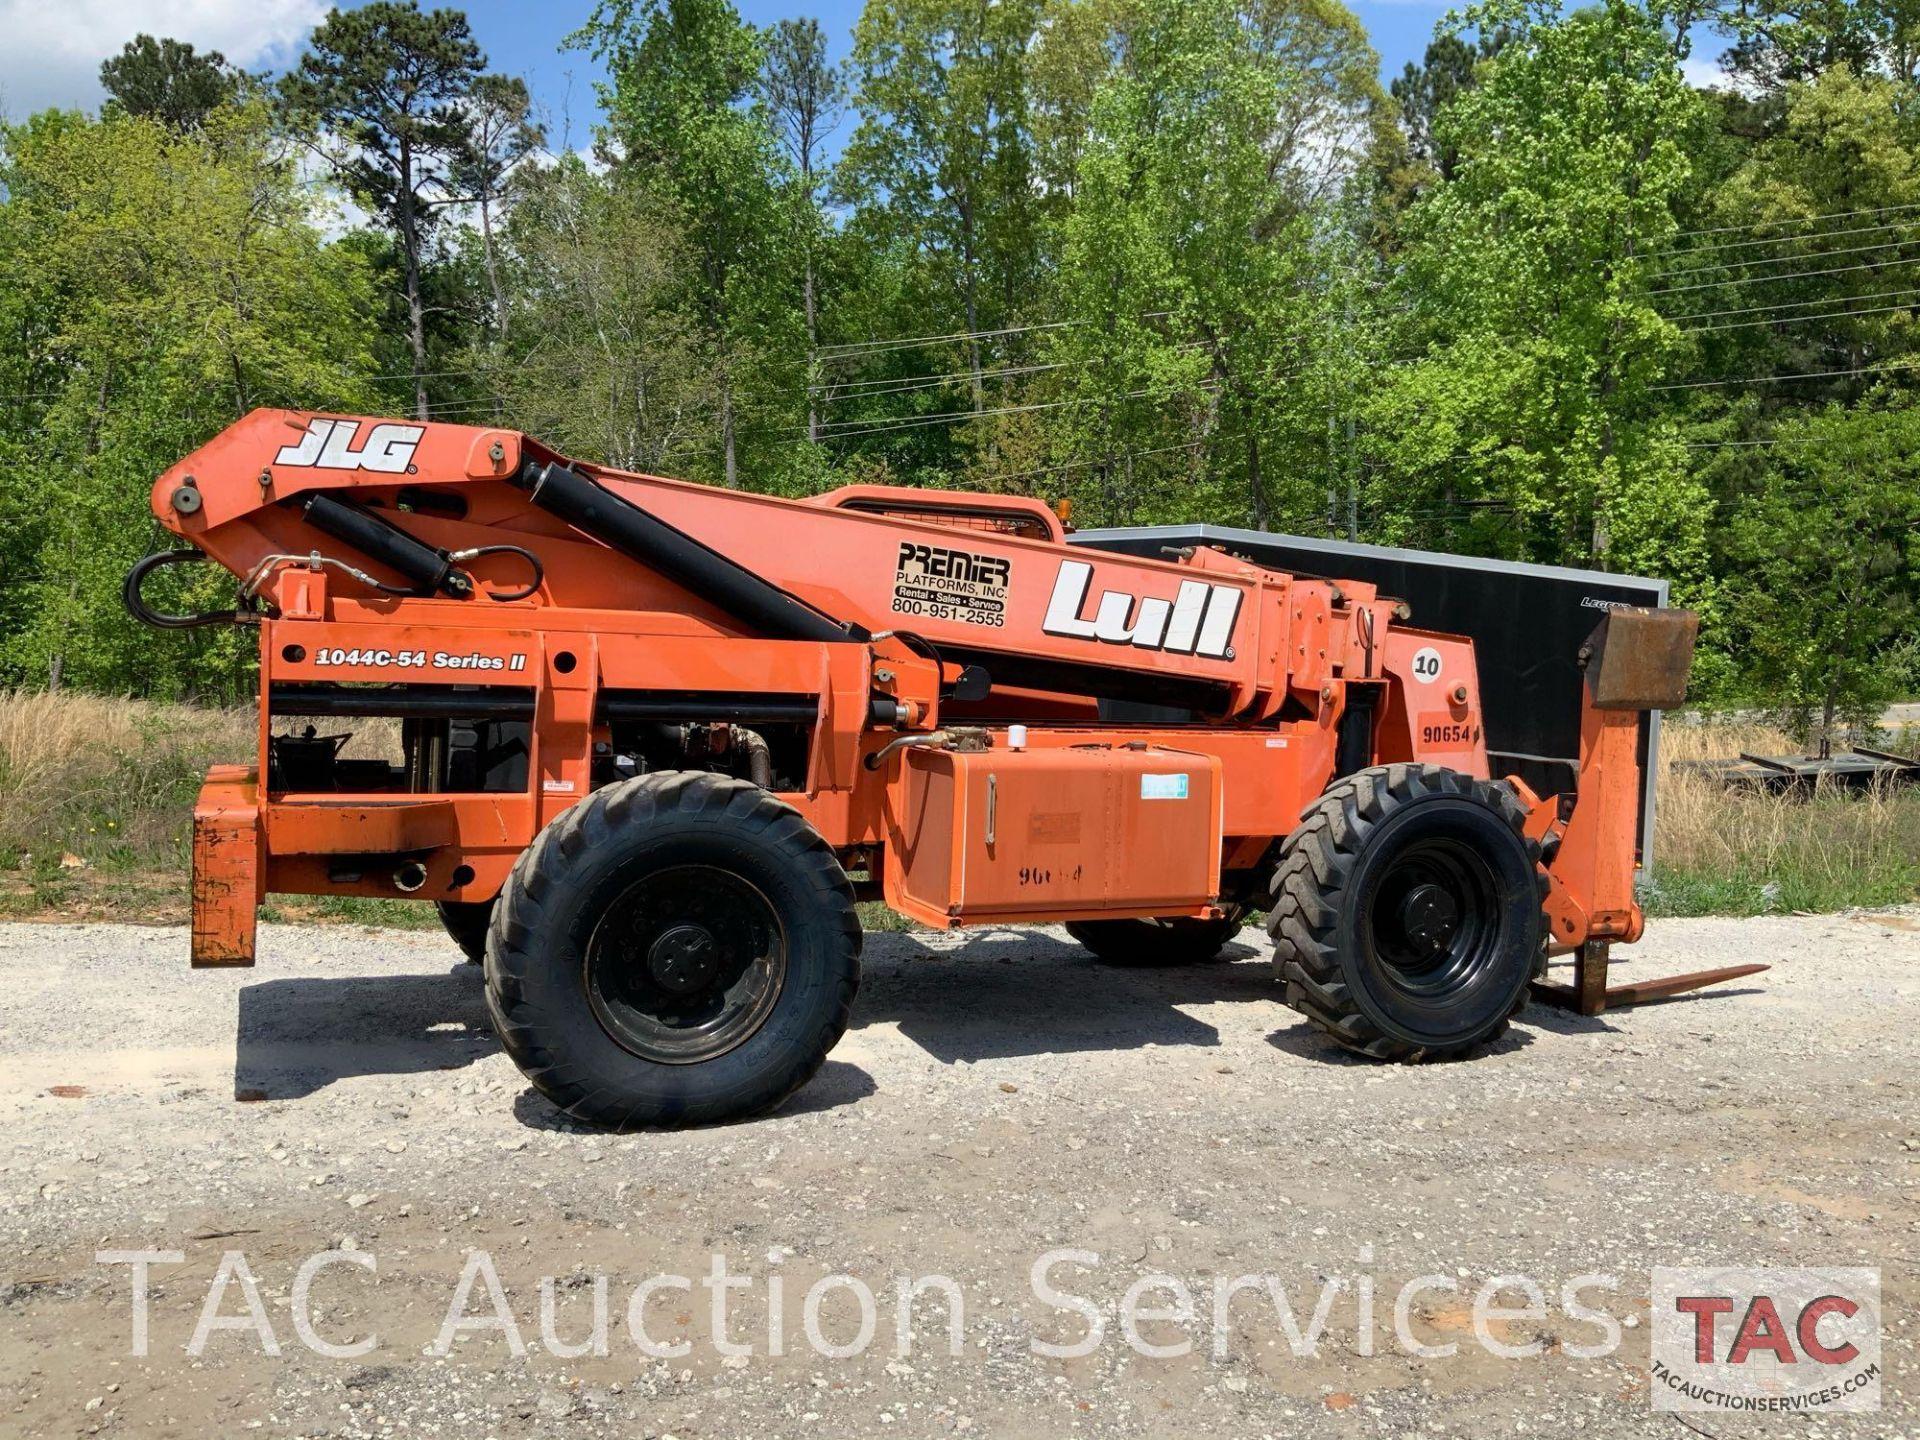 2007 JLG LULL Telehander Forklift - Image 9 of 25